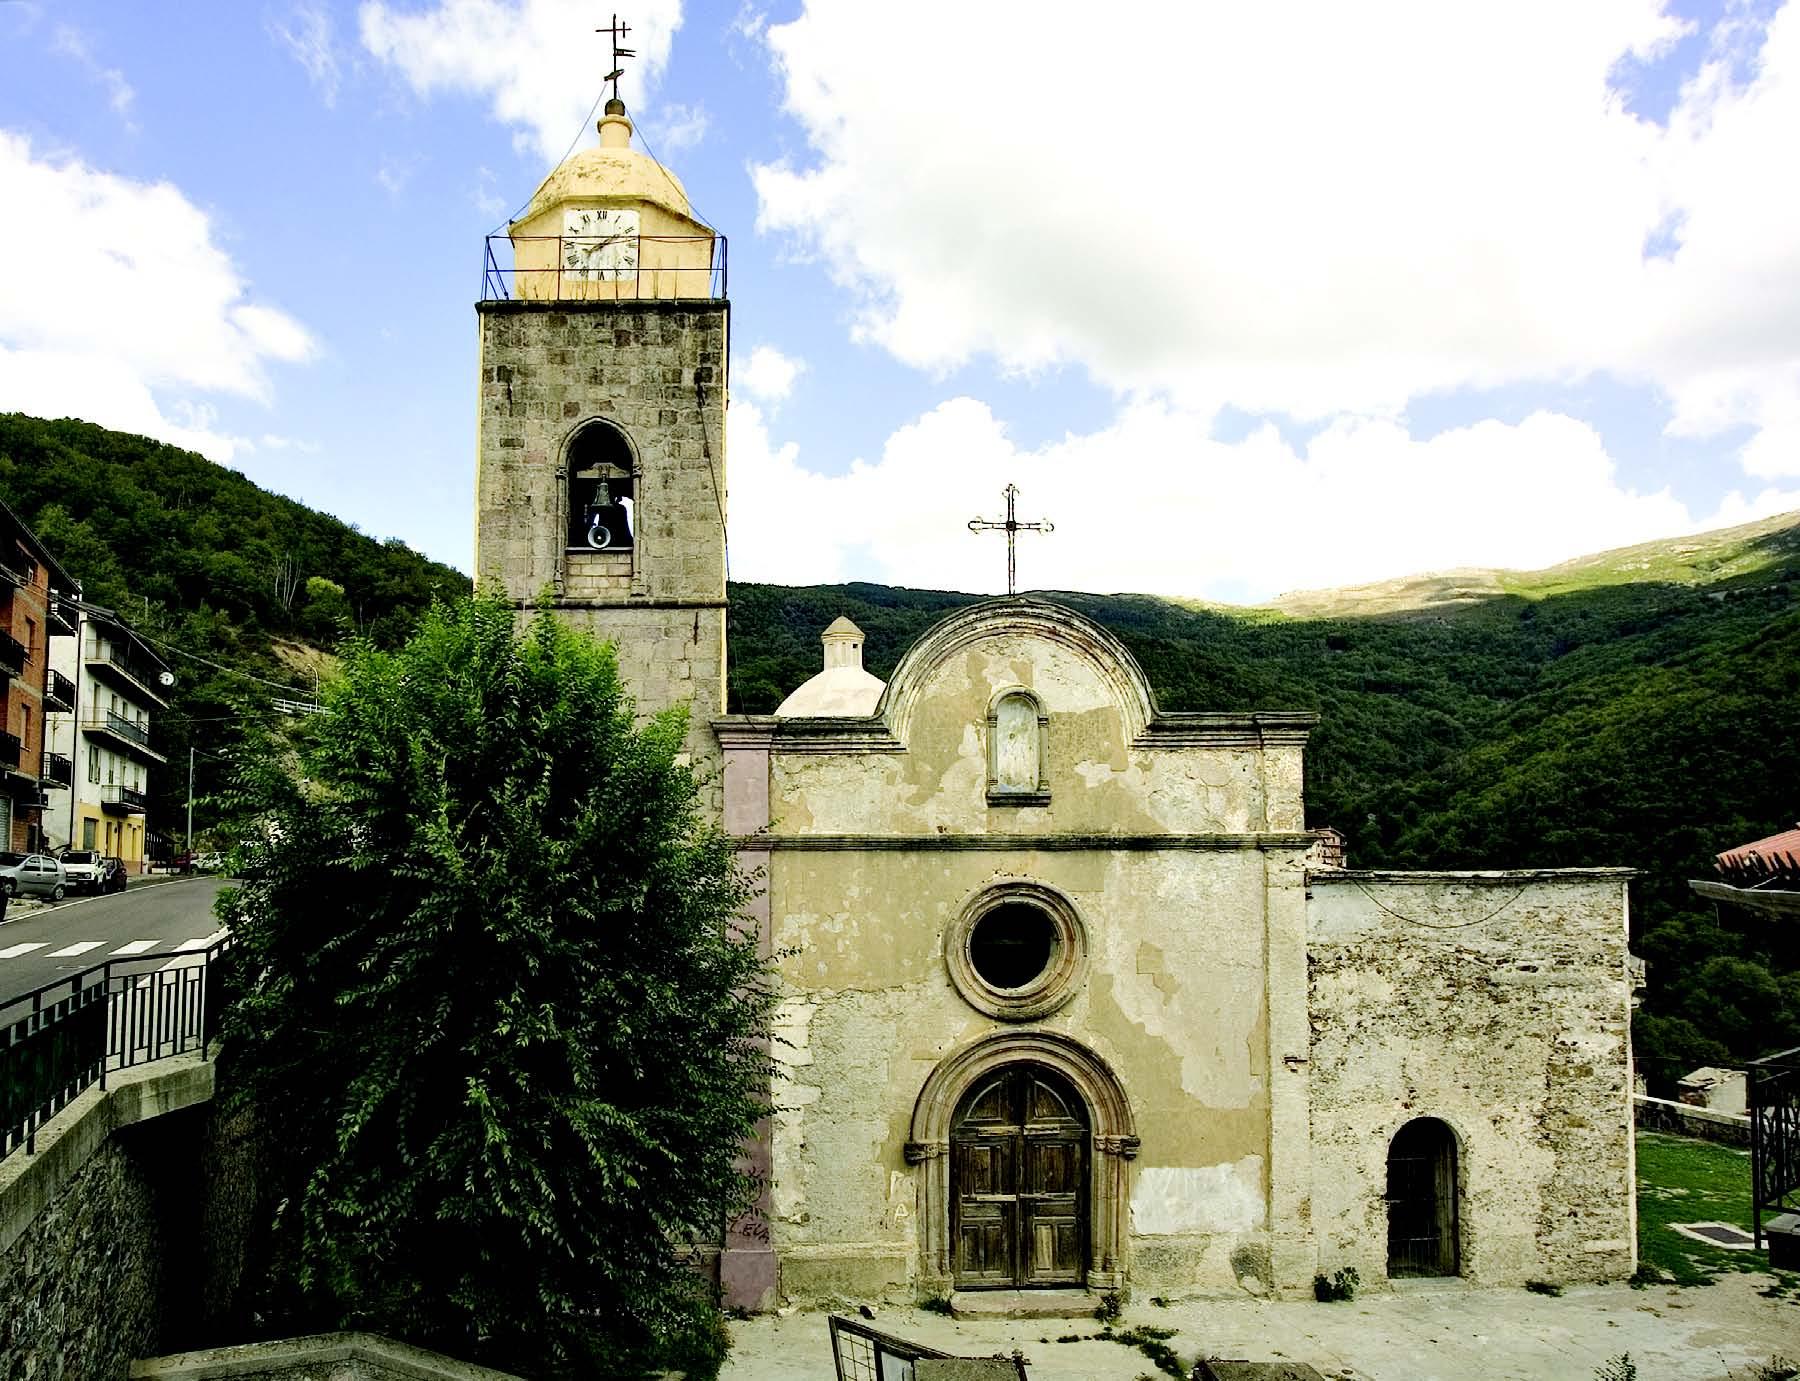 Antica chiesa parrocchiale di Sant'Antonio Abate a Desulo provincia di Nuoro